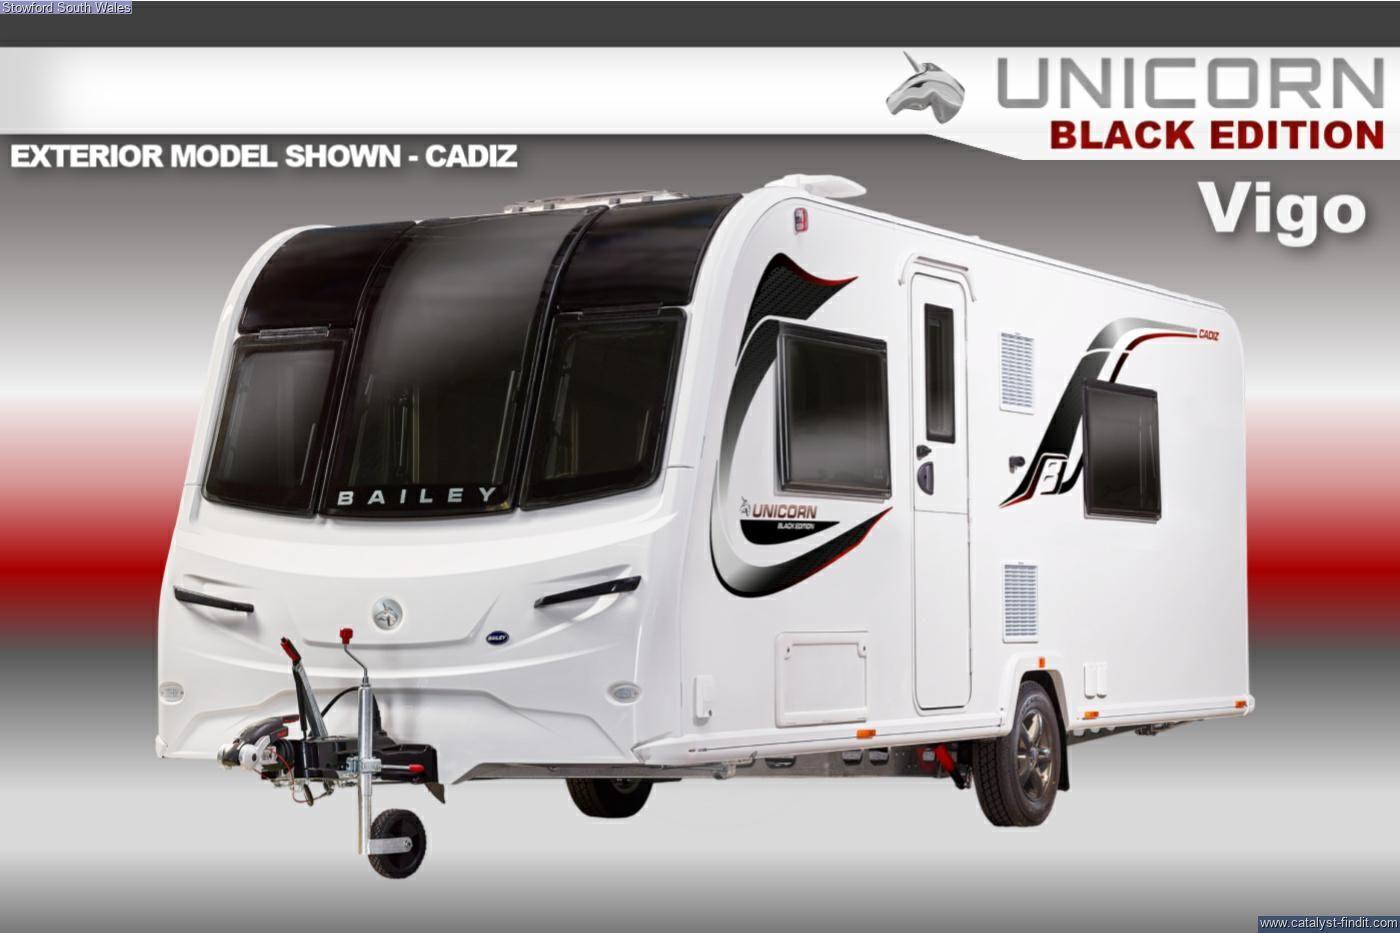 Bailey Unicorn Black Edition Vigo 2021